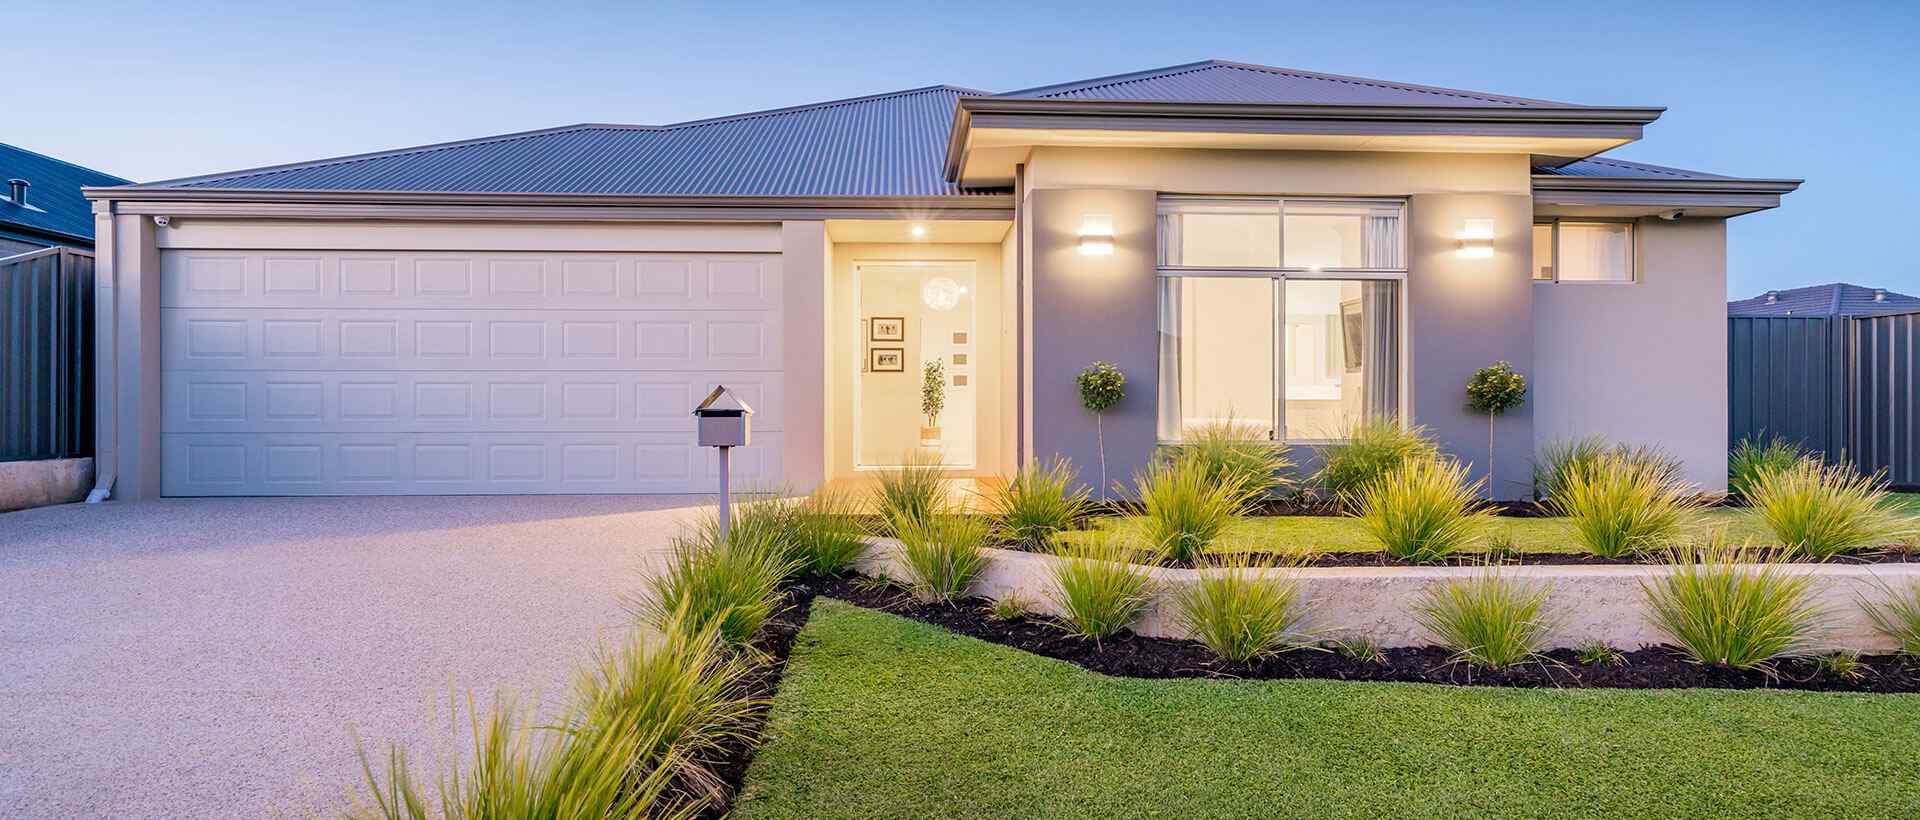 http://gcnr.com.au/wp-content/uploads/2019/08/inner_home_02-1.jpg